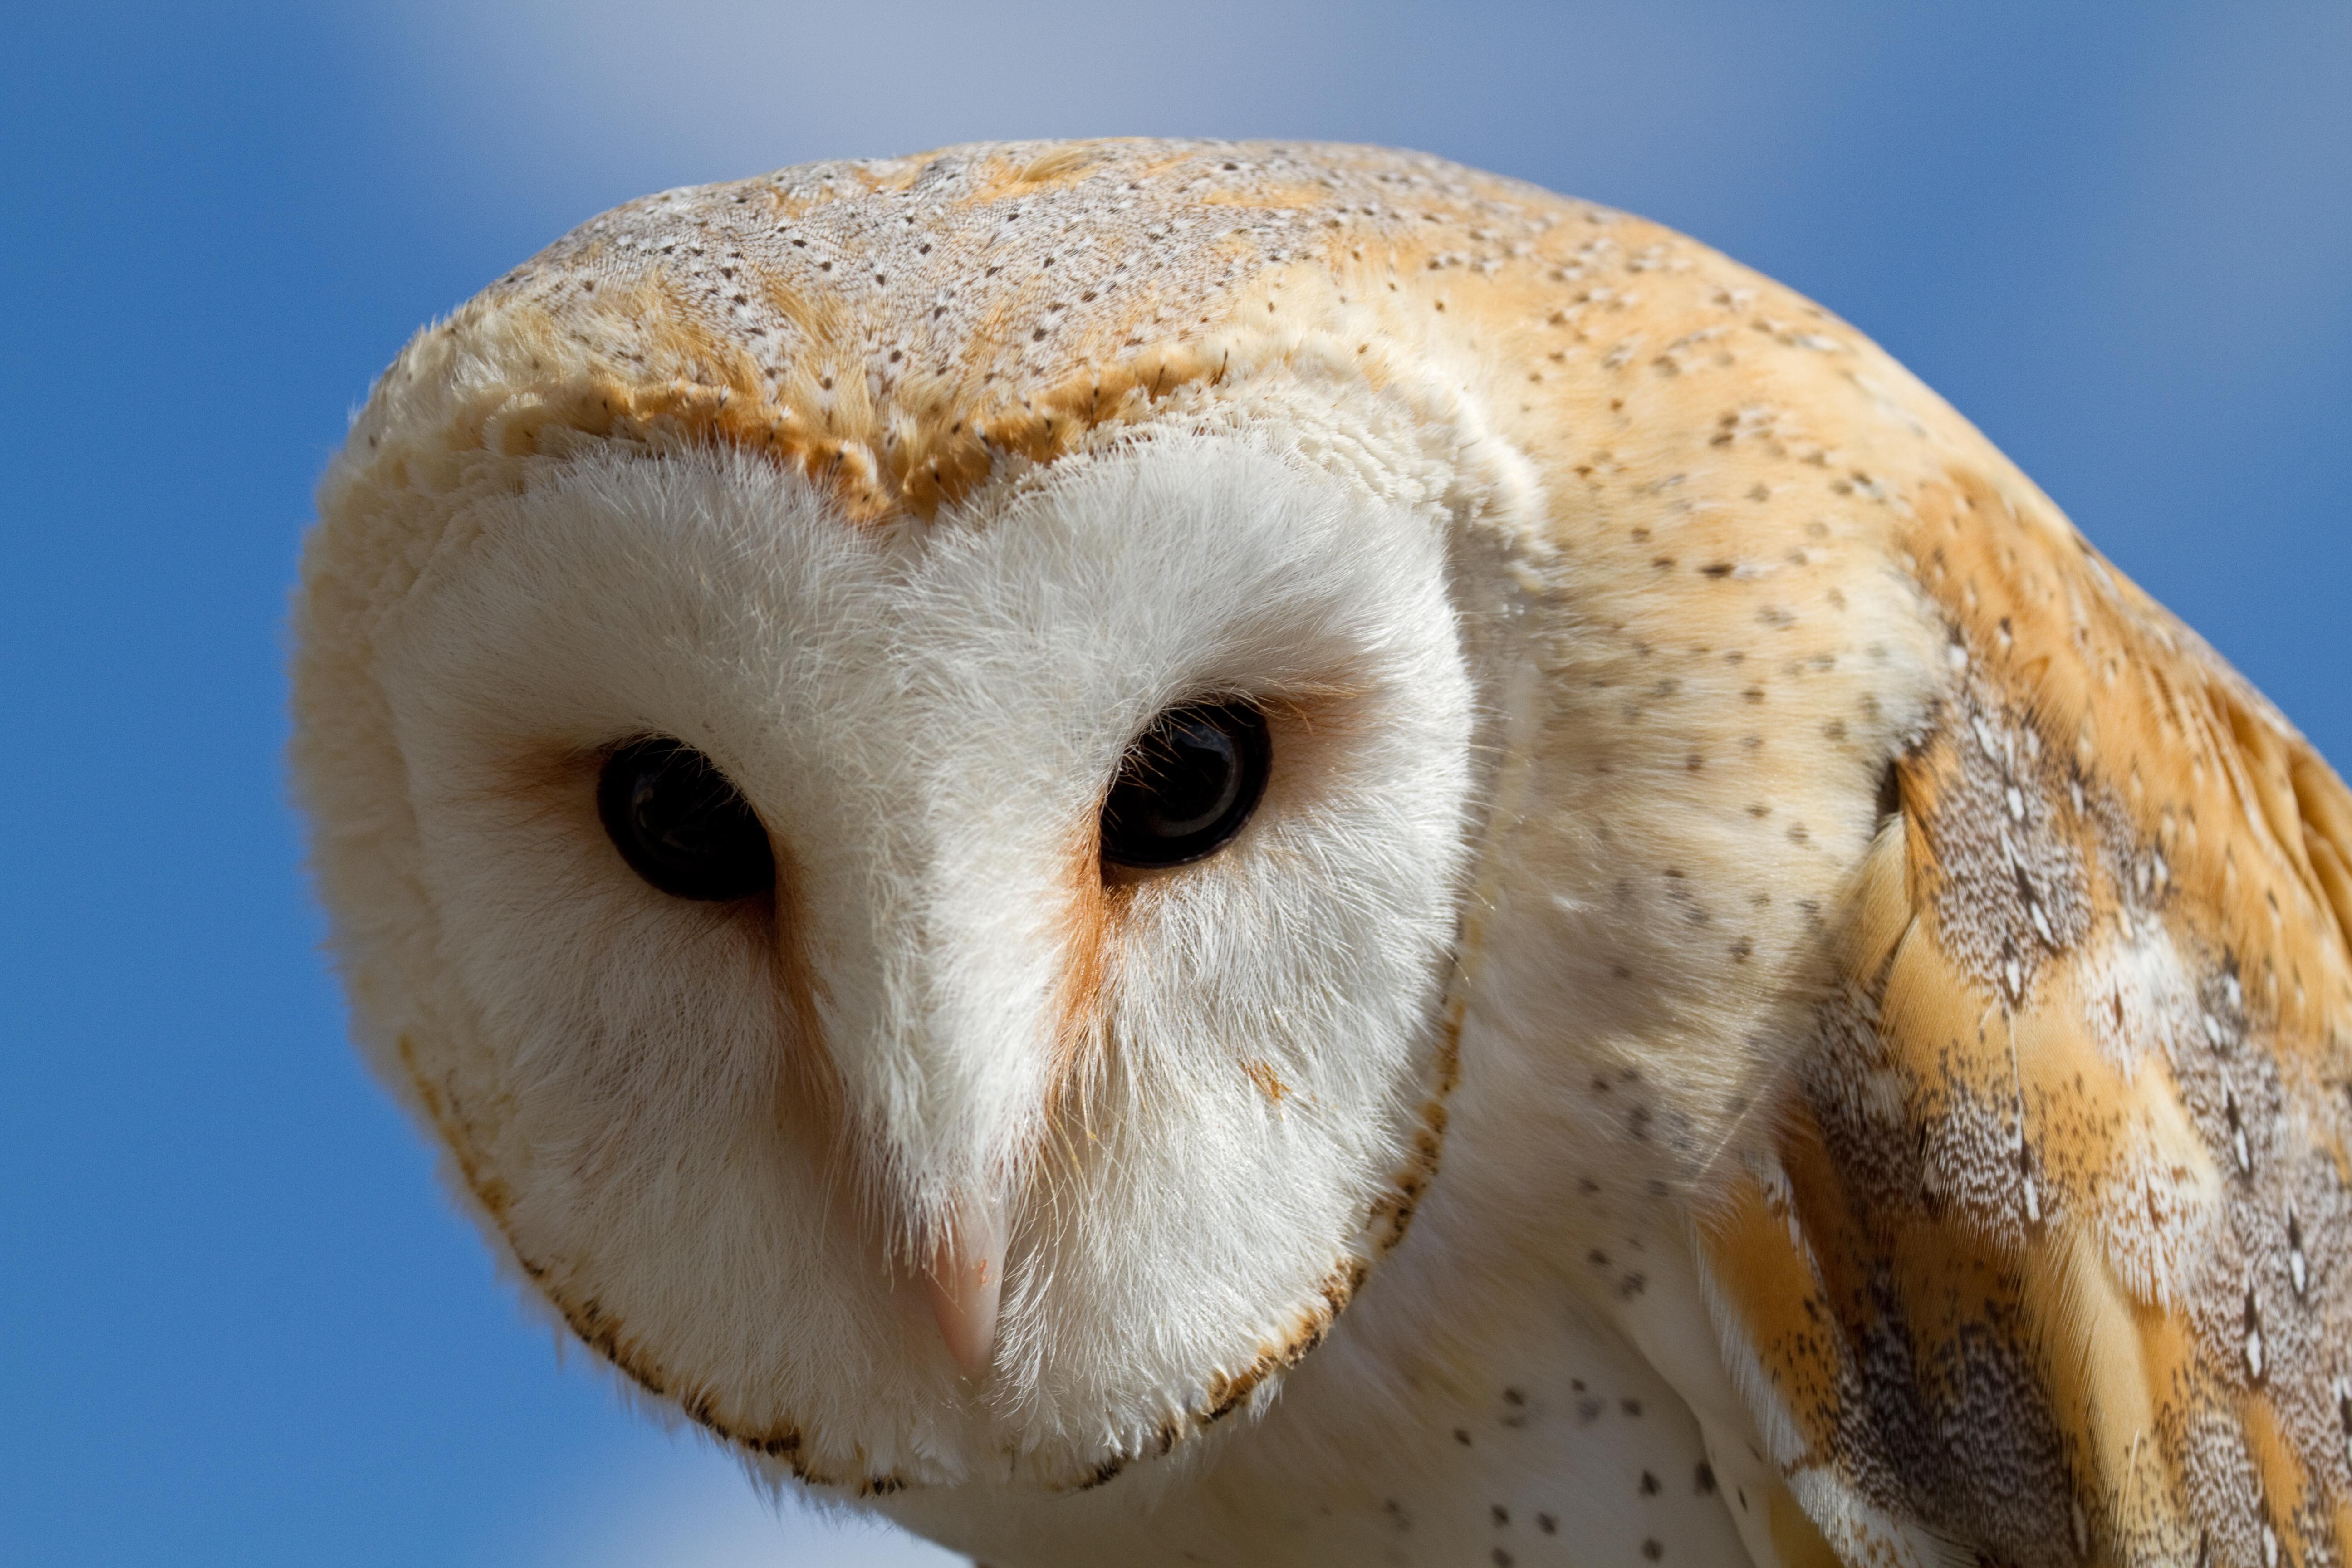 File:Female Barn Owl 3 (6796235244).jpg